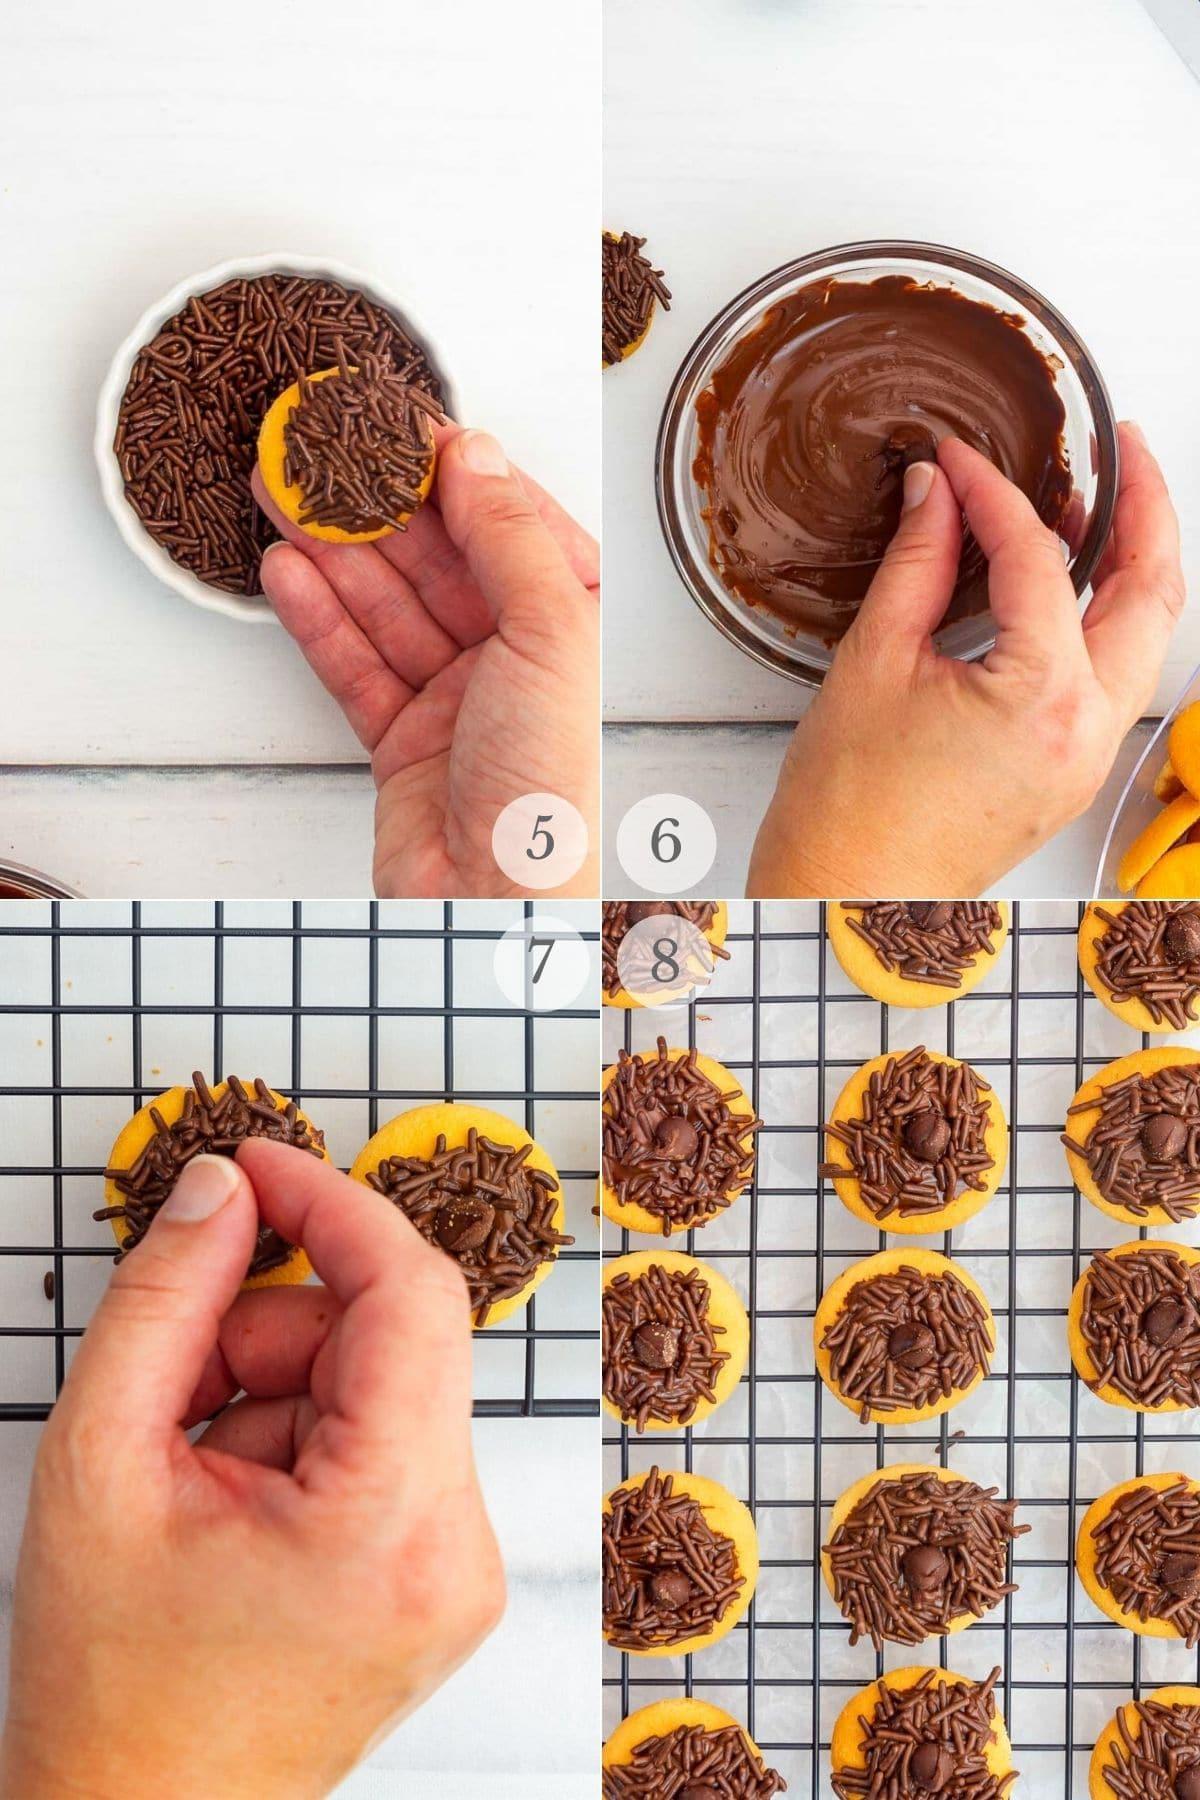 acorn brownie bites recipe steps 5-8